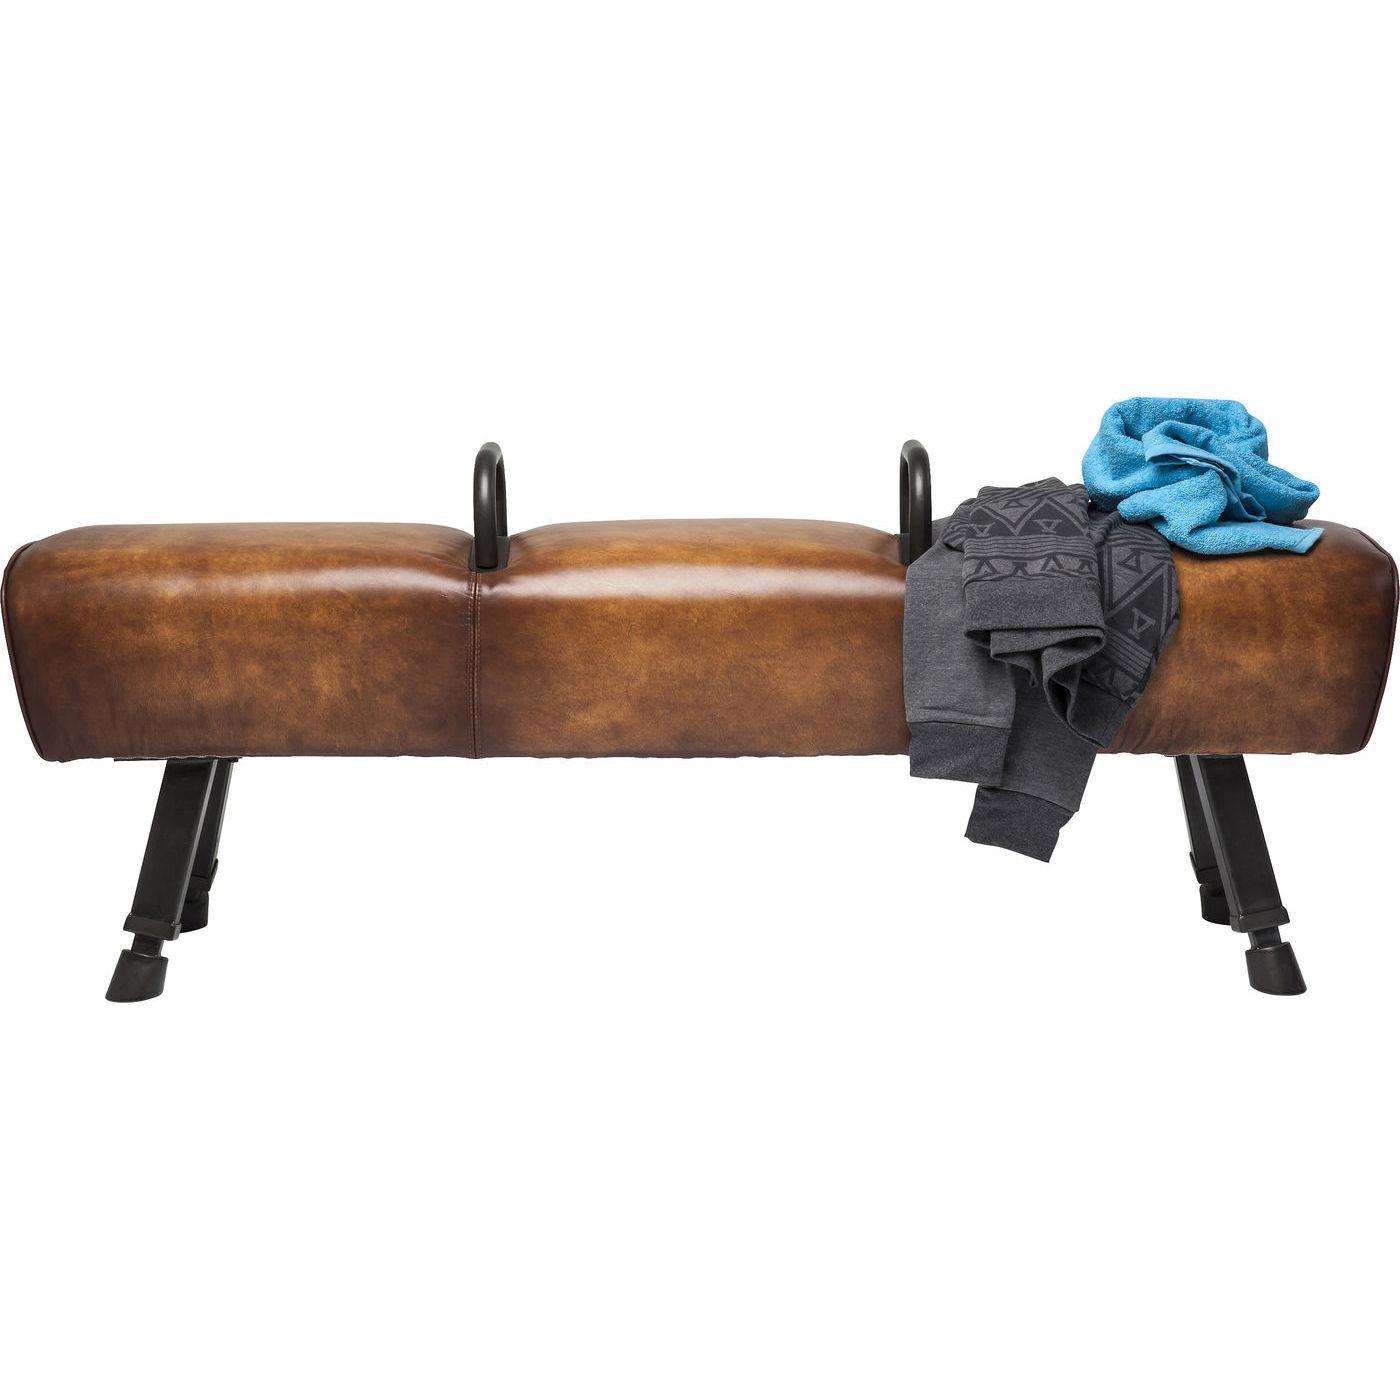 KARE DESIGN Gym Gabby bænk - brunt koskind og stål (153cm)